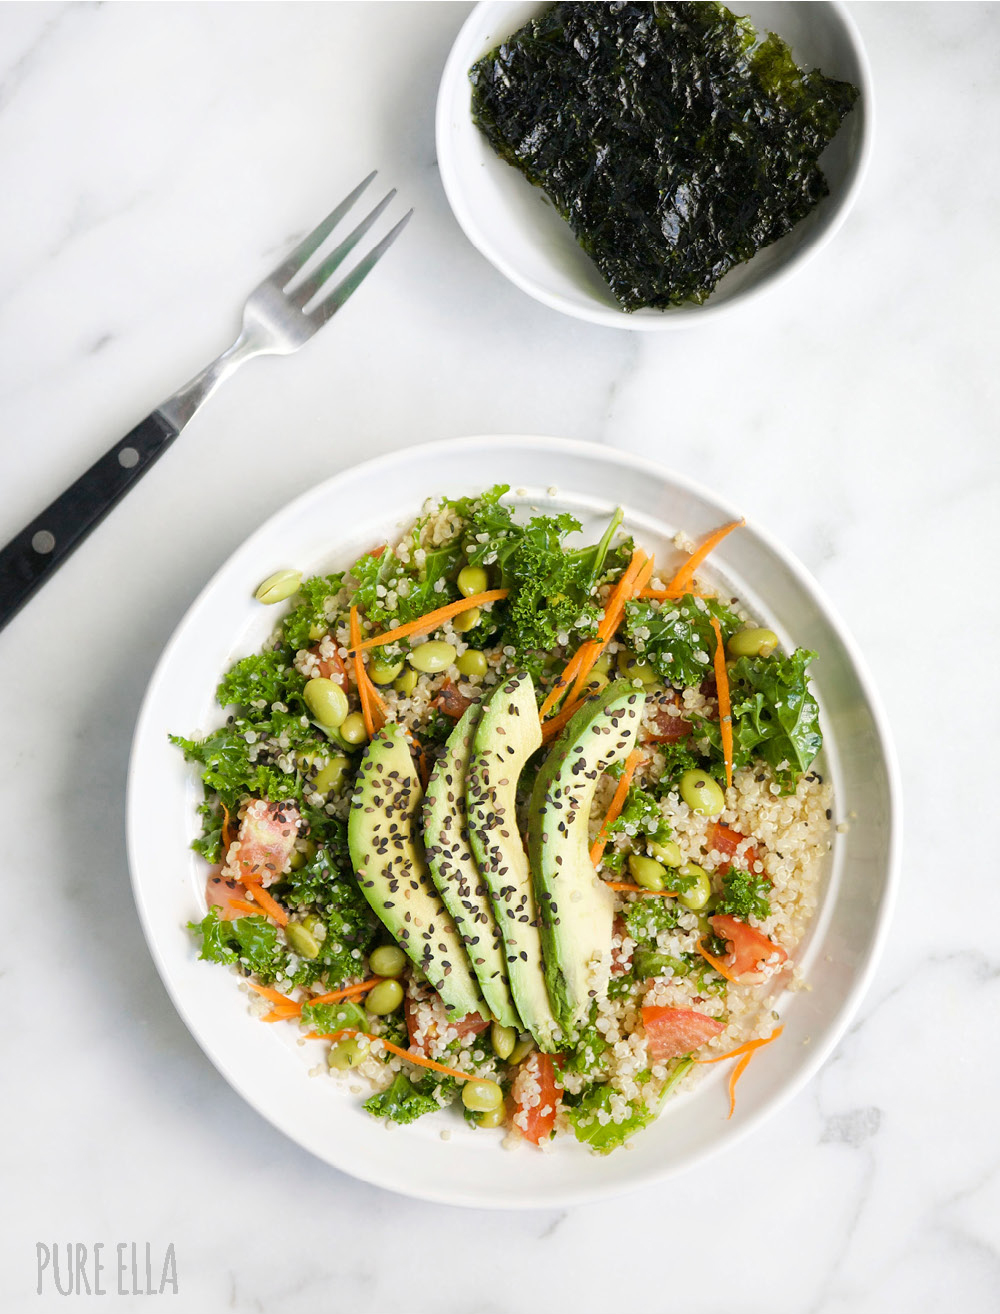 Pure-Ella-Seaweed-Quinoa-Kale-Fusion-Salad4